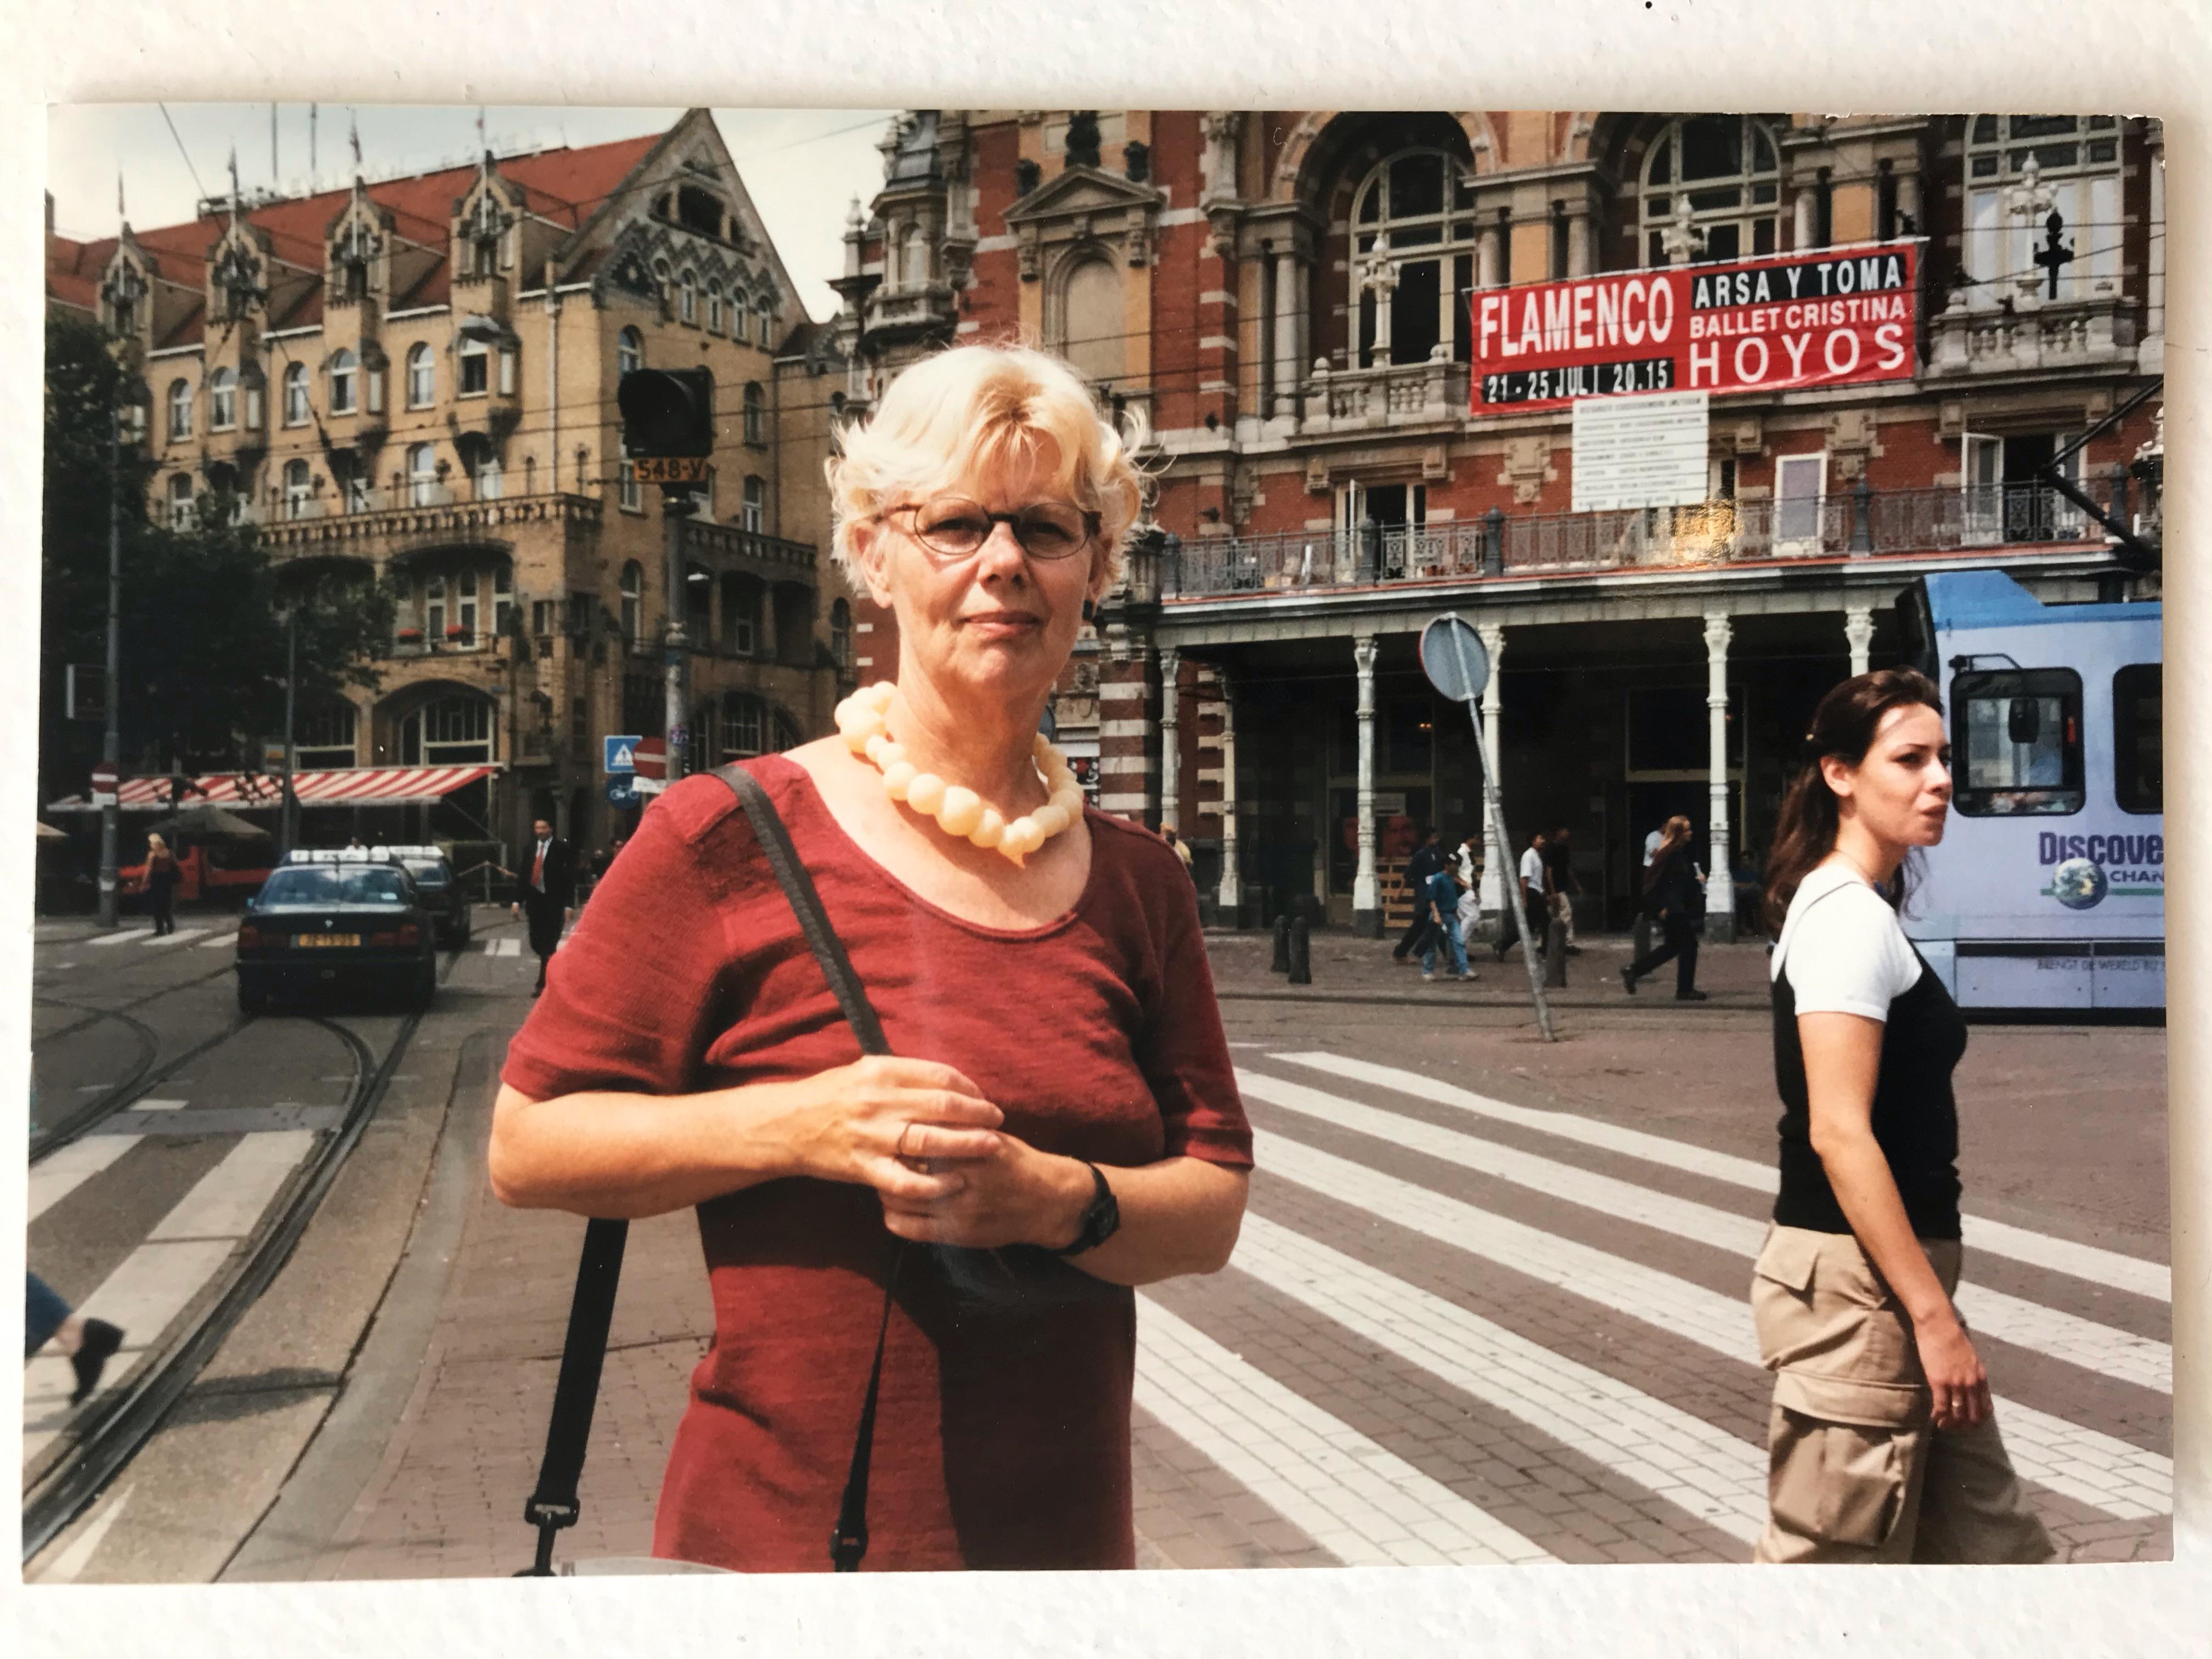 Claartje Keur, Zelfportret met halssieraad van Claartje Keur, Amsterdam, Leidseplein, 1998. Foto Claartje Keur